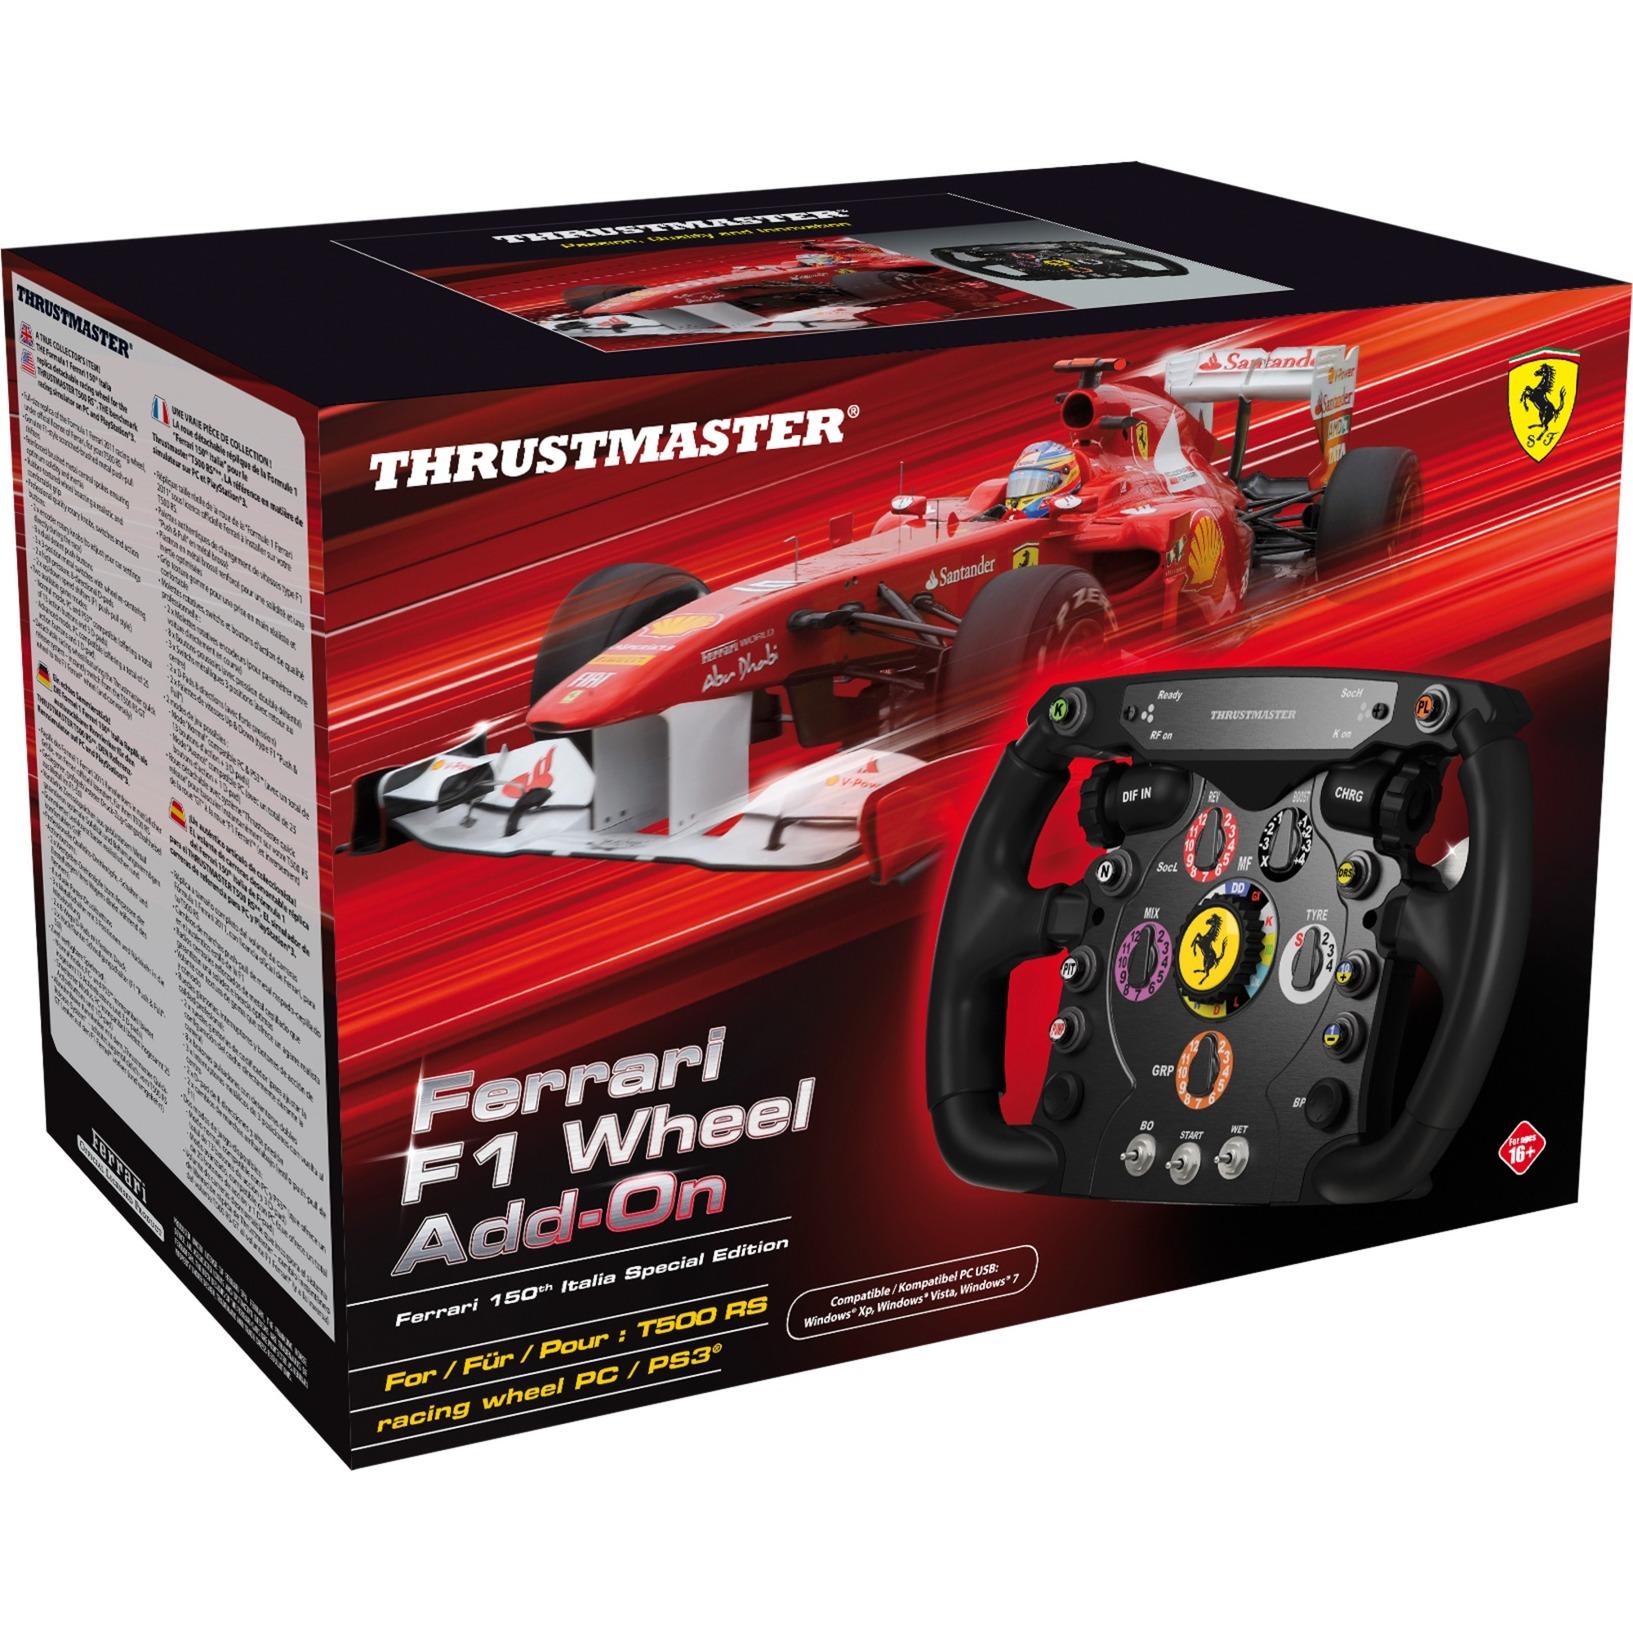 ferrari-f1-wheel-add-on-rat